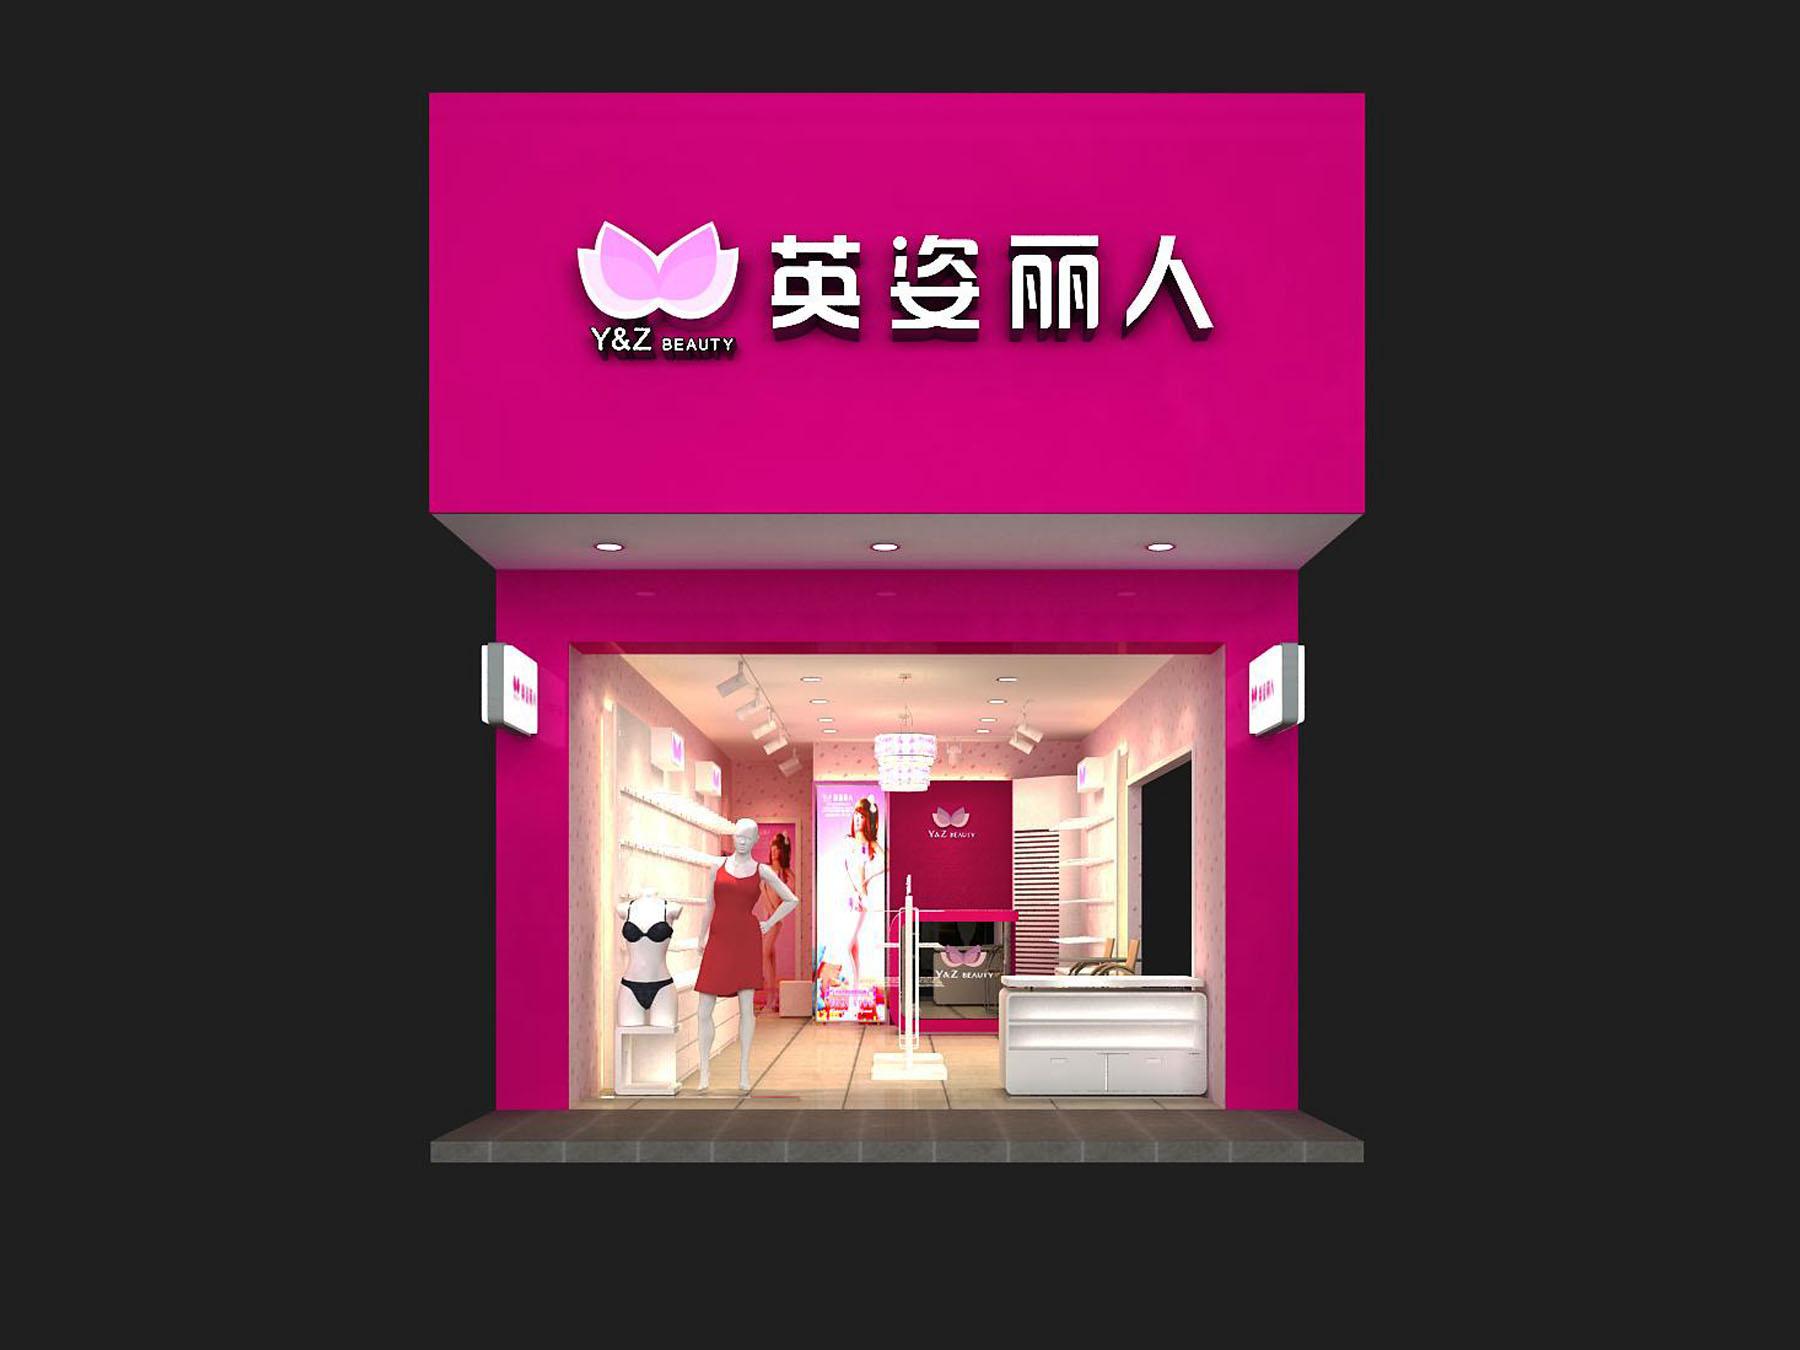 【英姿丽人】提醒加盟商开店选址最易忽略的细节,诚邀加盟